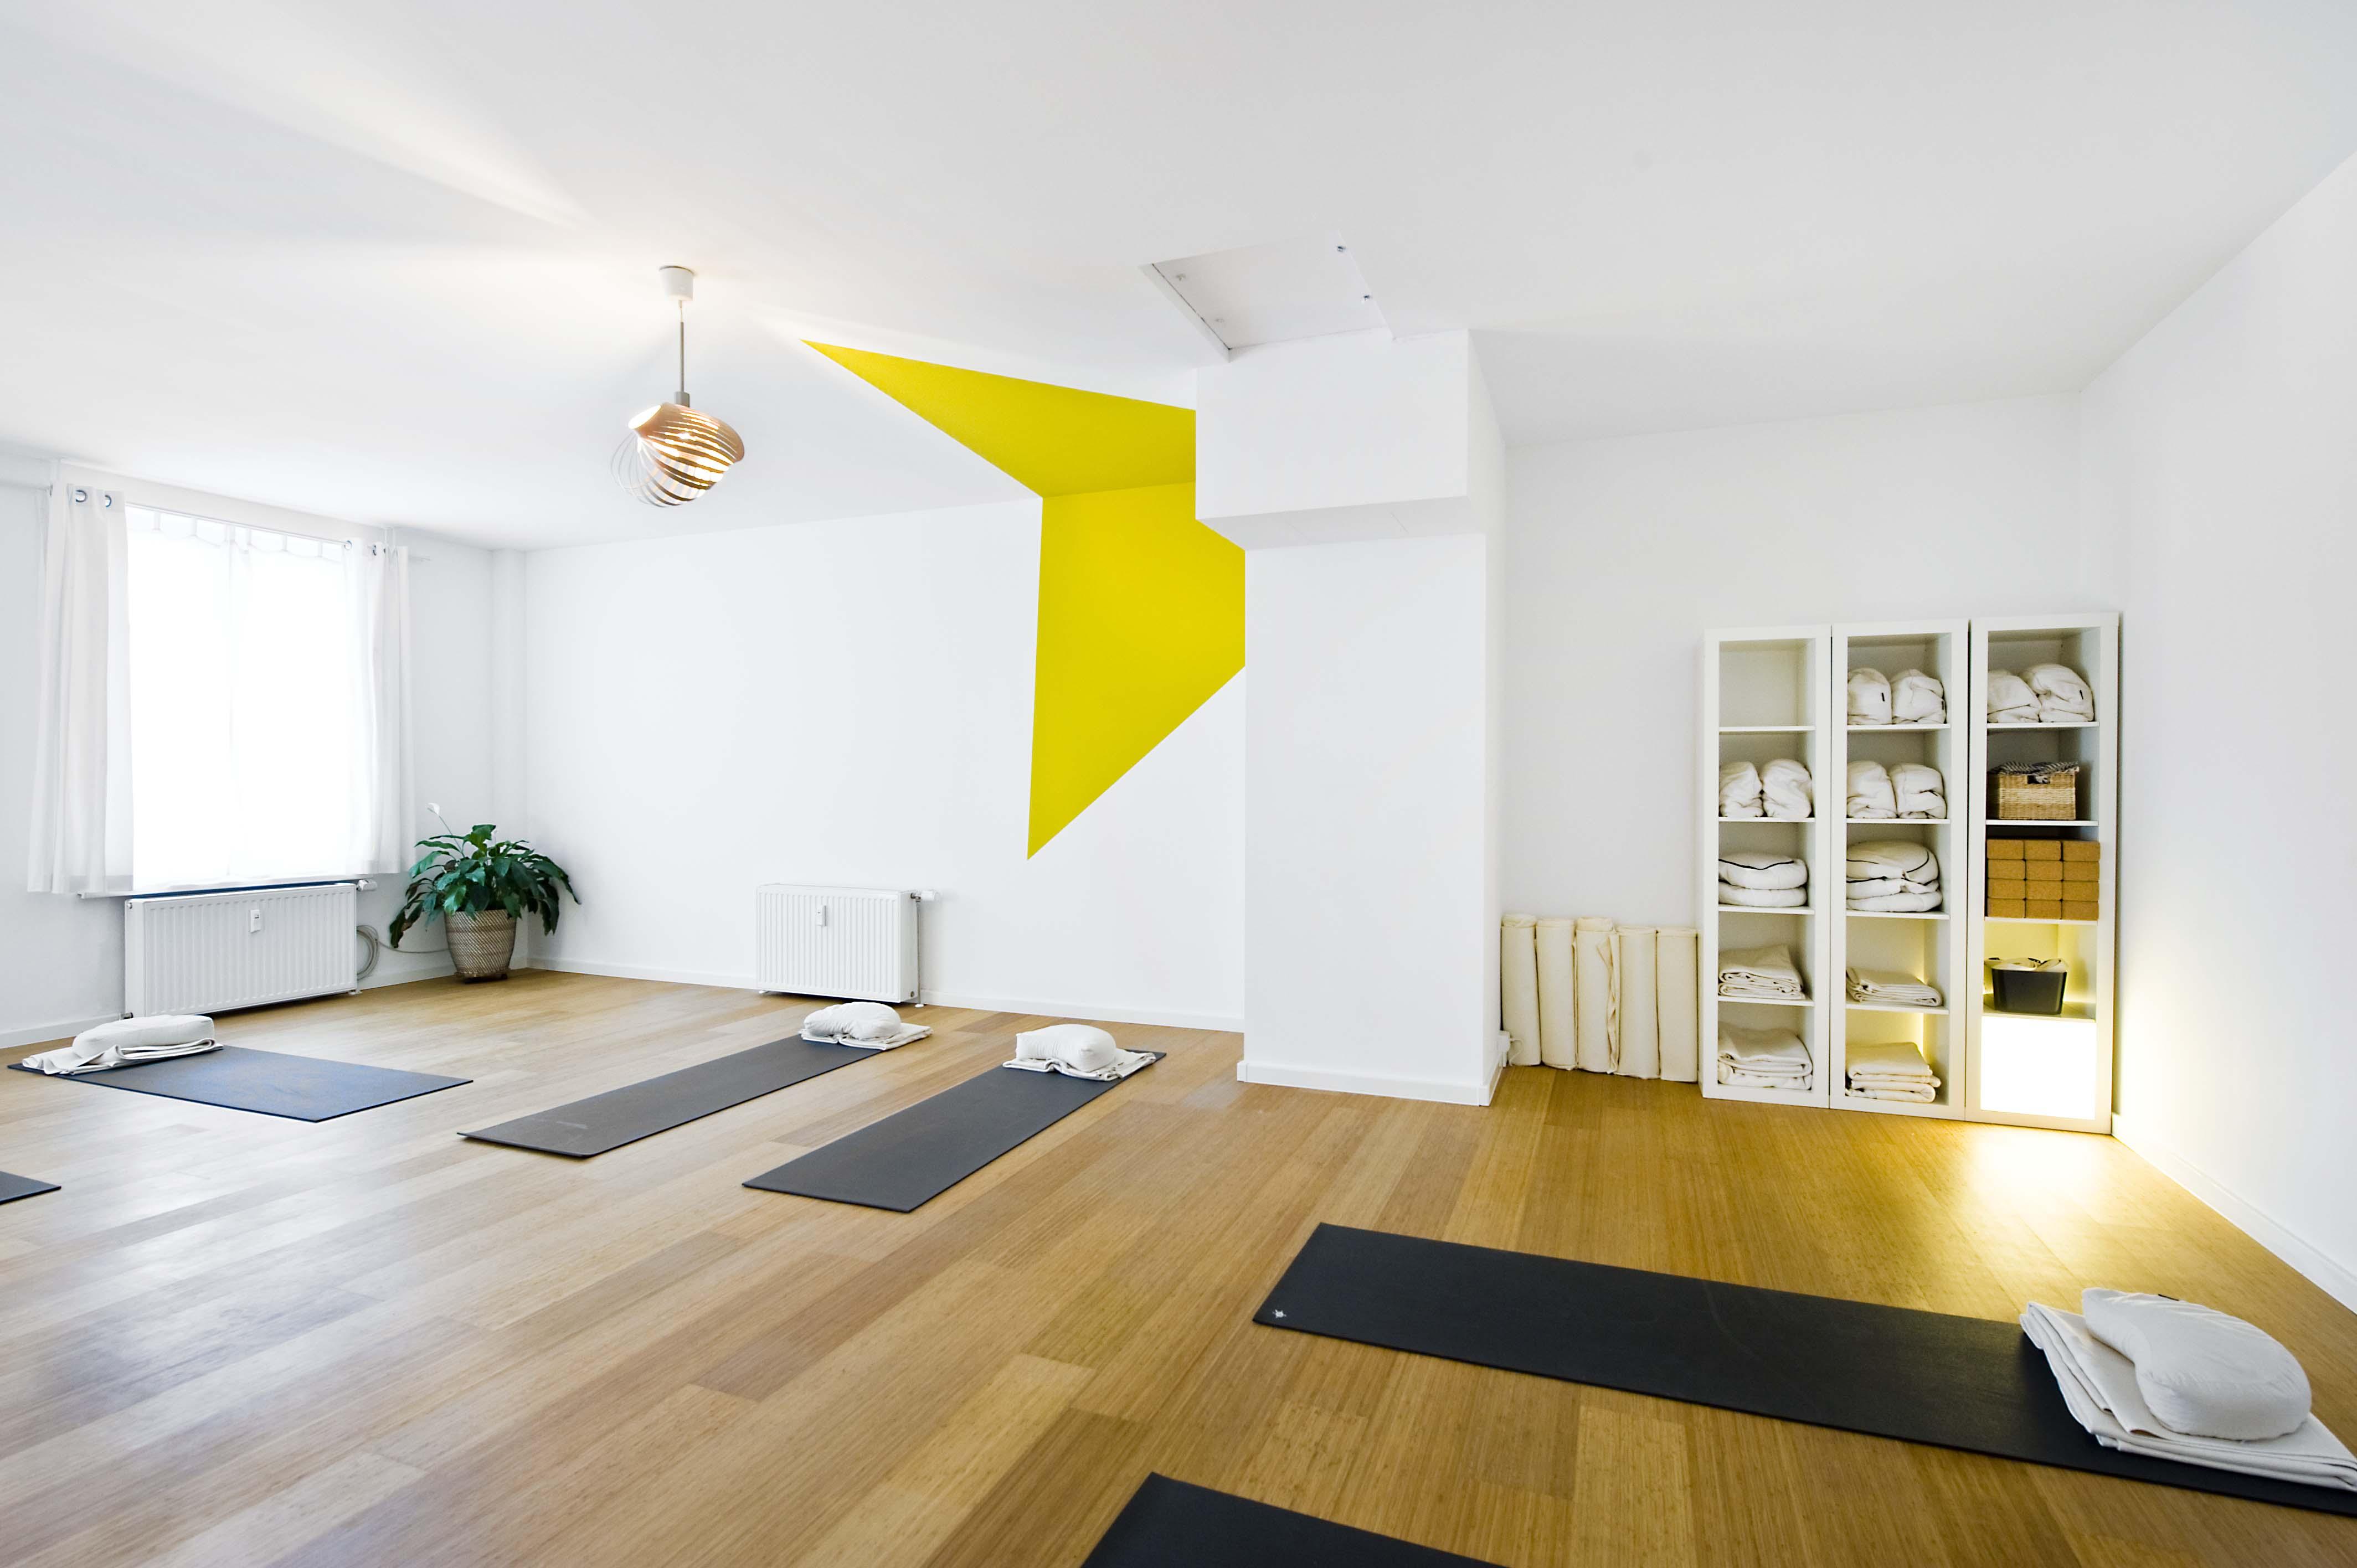 Körperklang kleiner Yogaraum